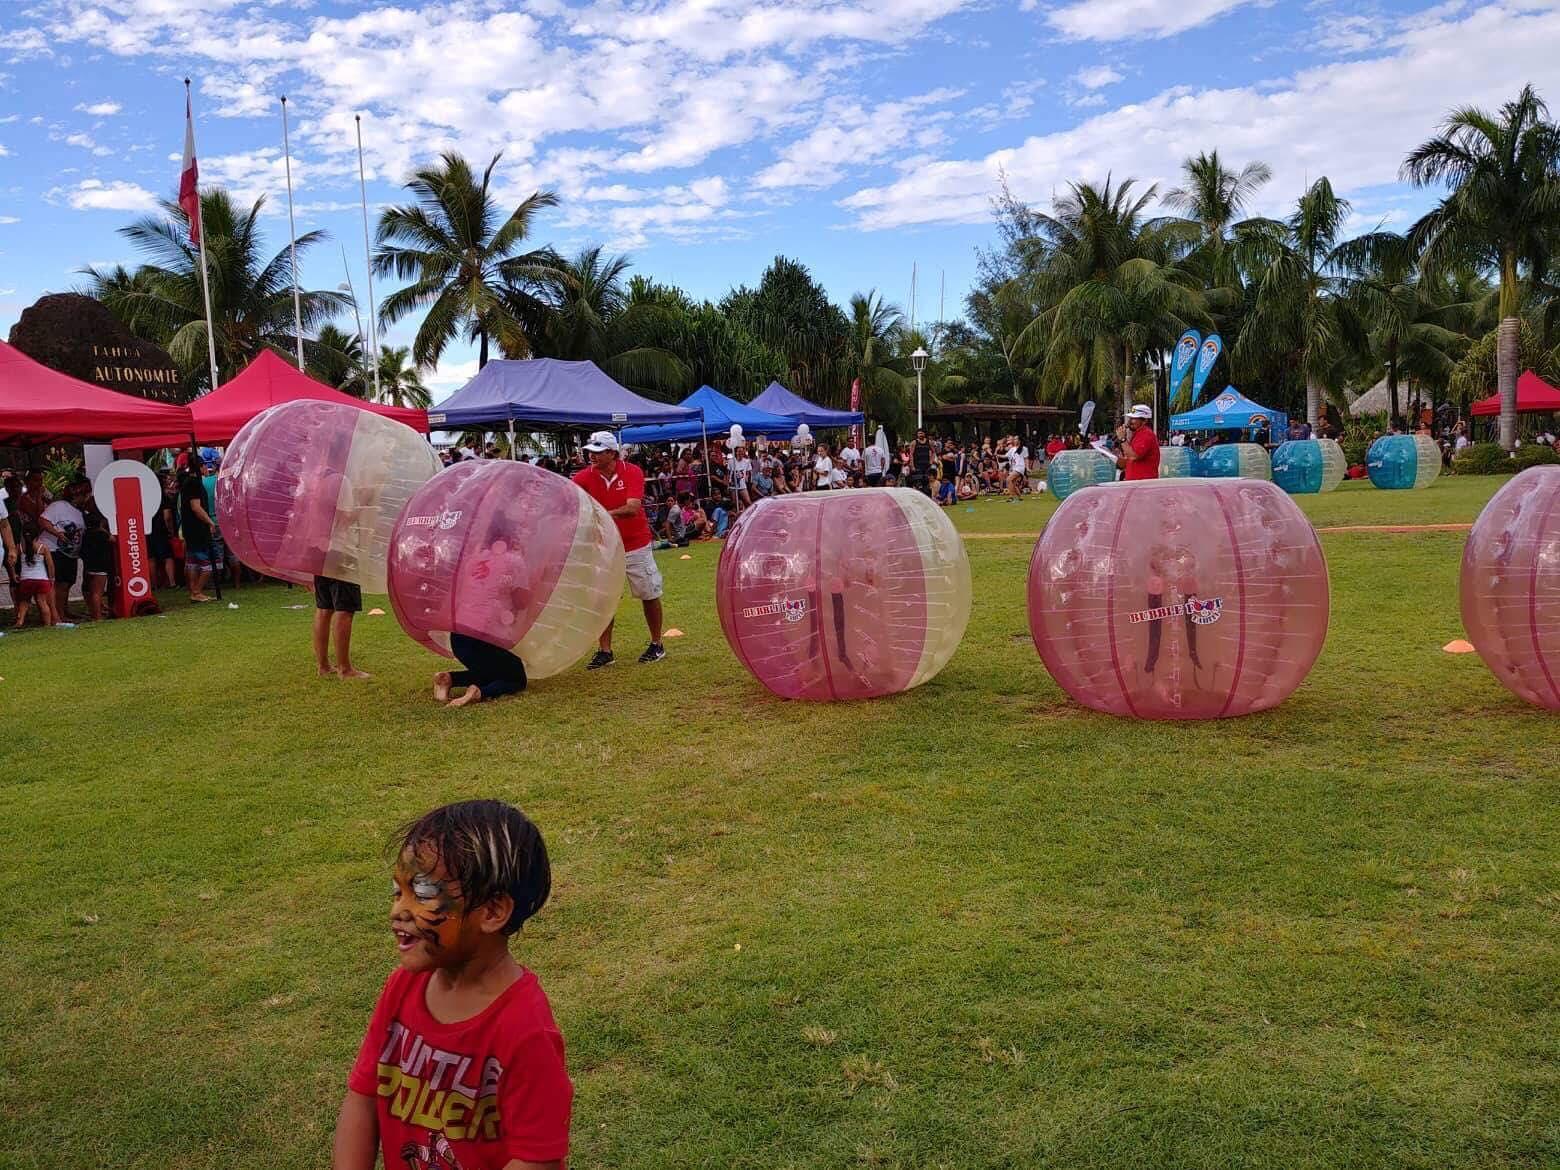 Le bublle foot, une activité ludique très appréciée